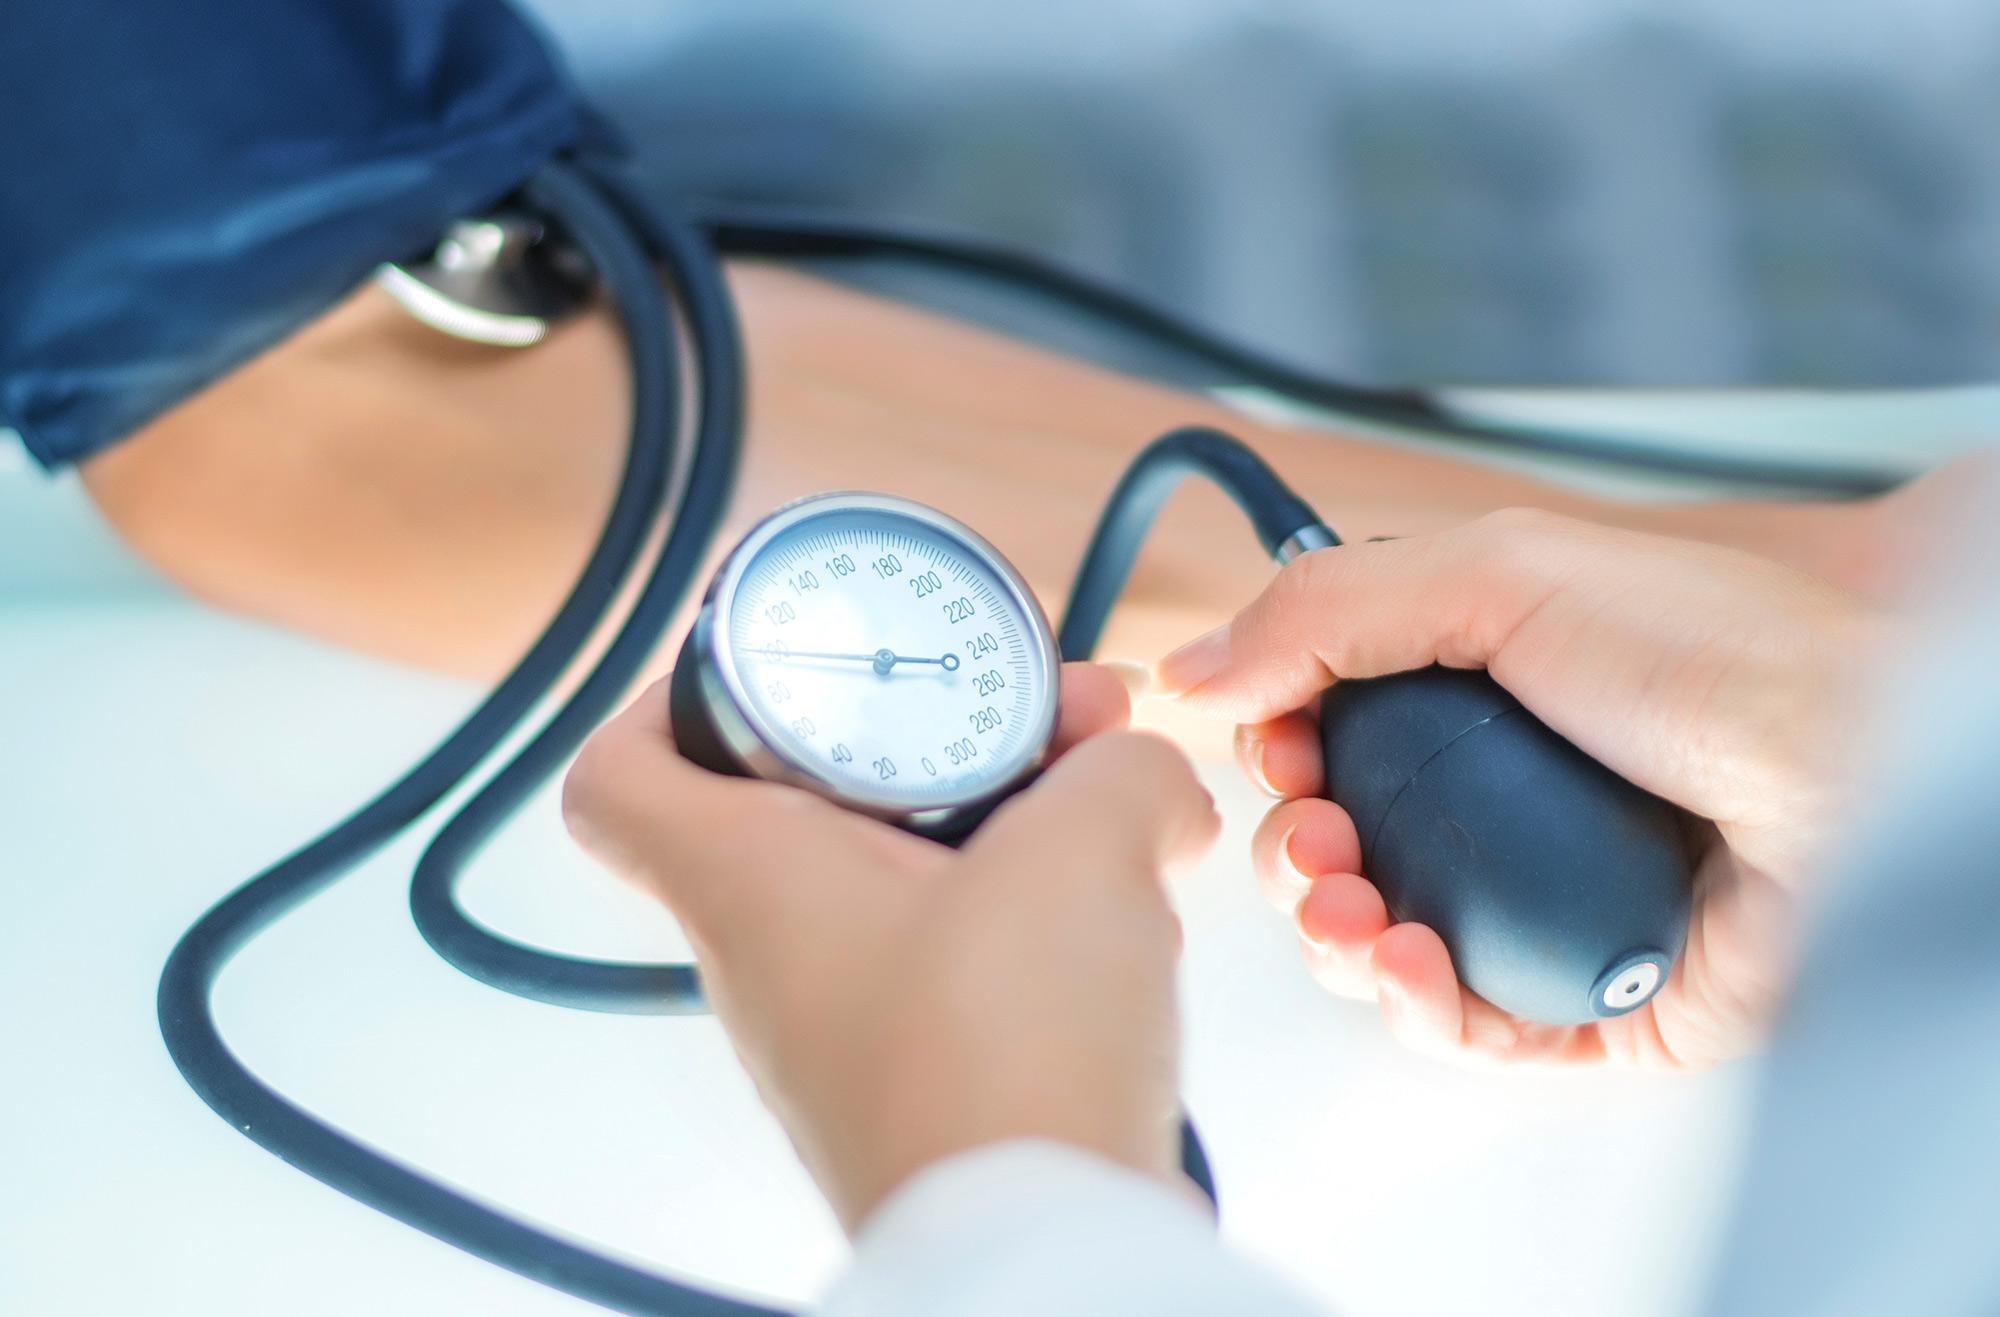 Ši širdies liga prilygsta epidemijai: susiduria kas šeštas žmogus | rinkiskultura.lt